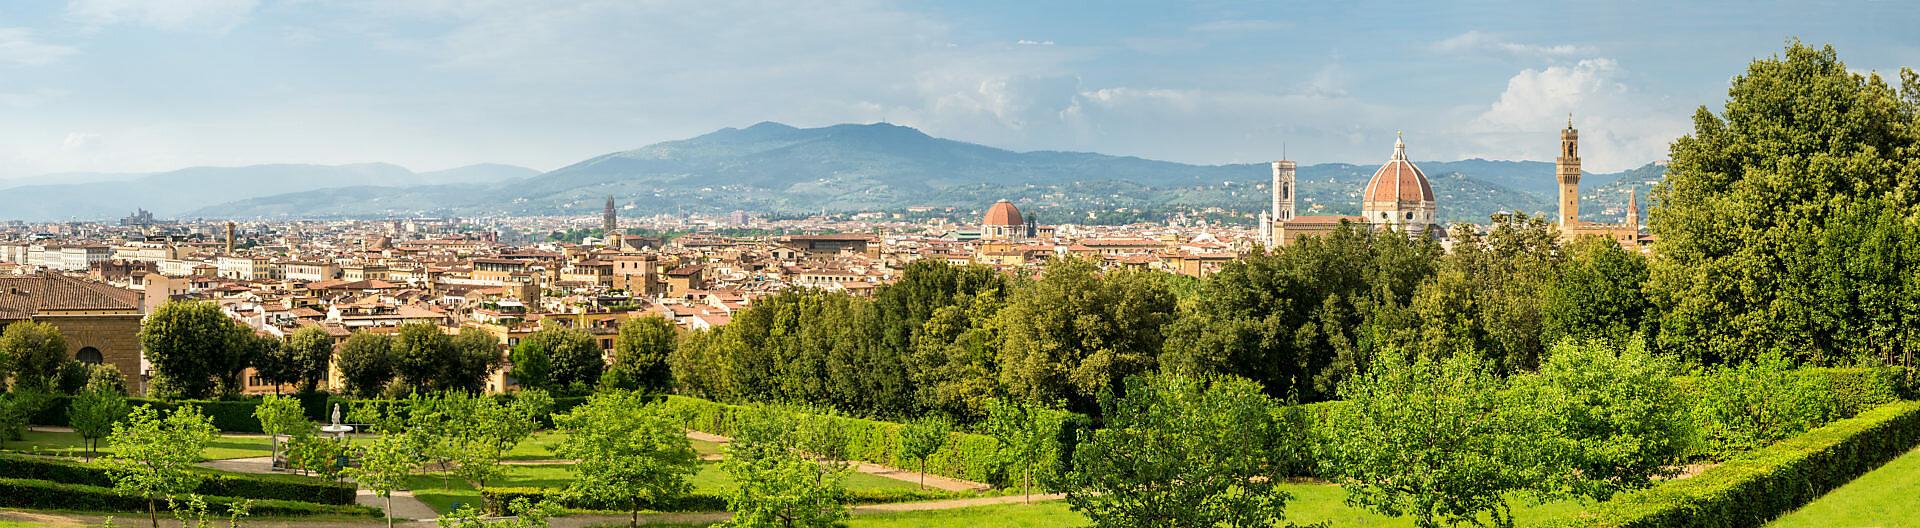 Panorama Florence, view from the Giardino Boboli